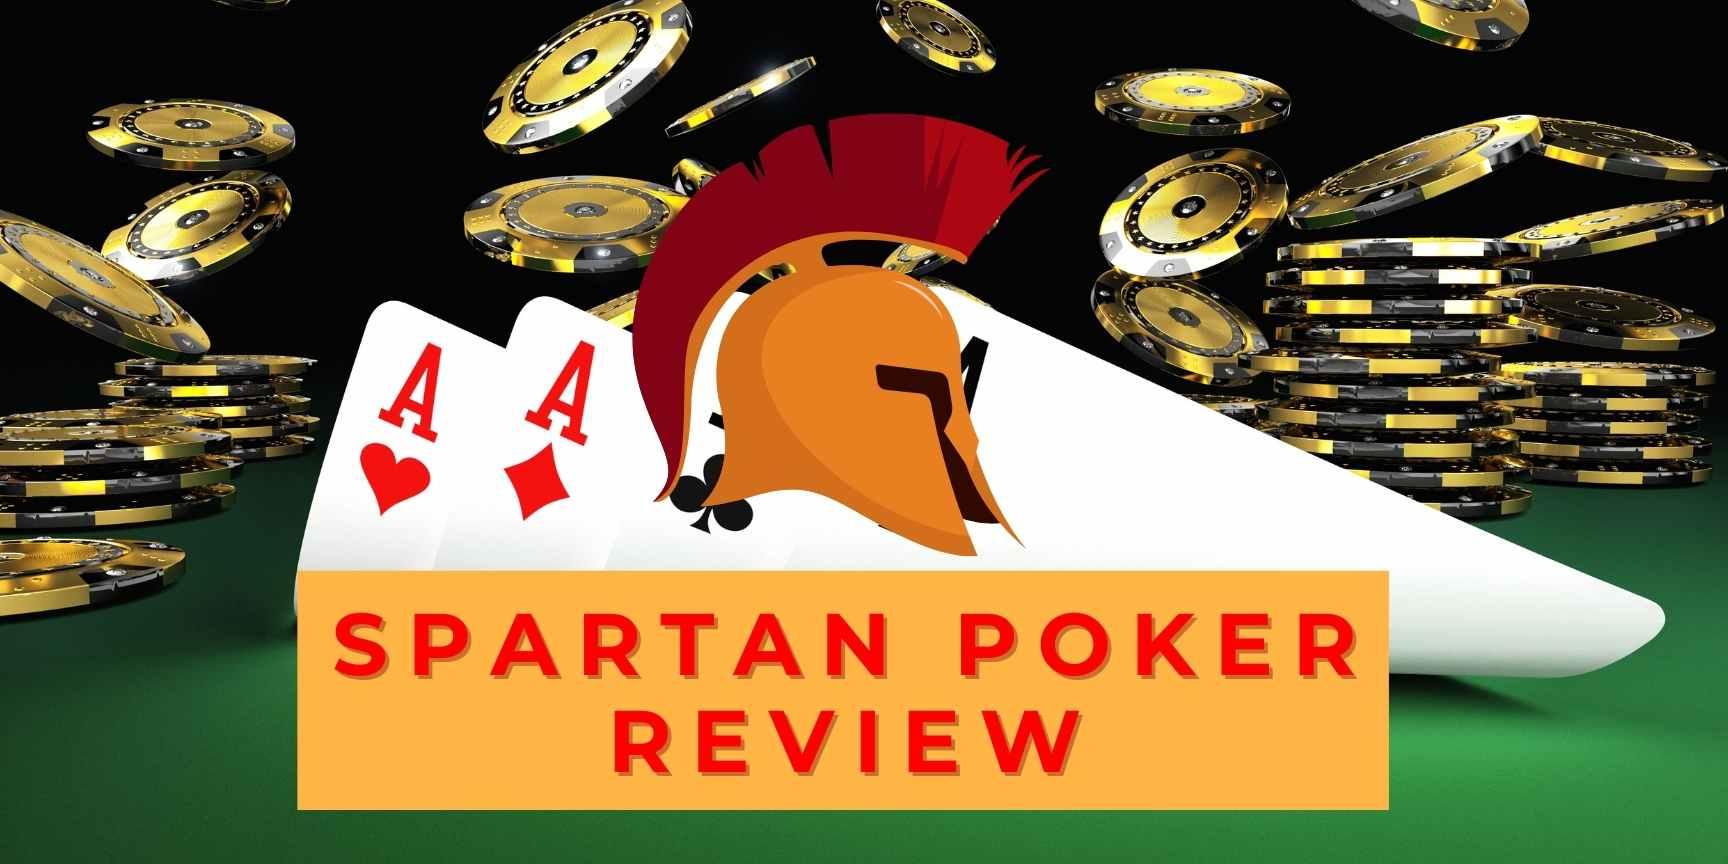 Spartan Poker Review